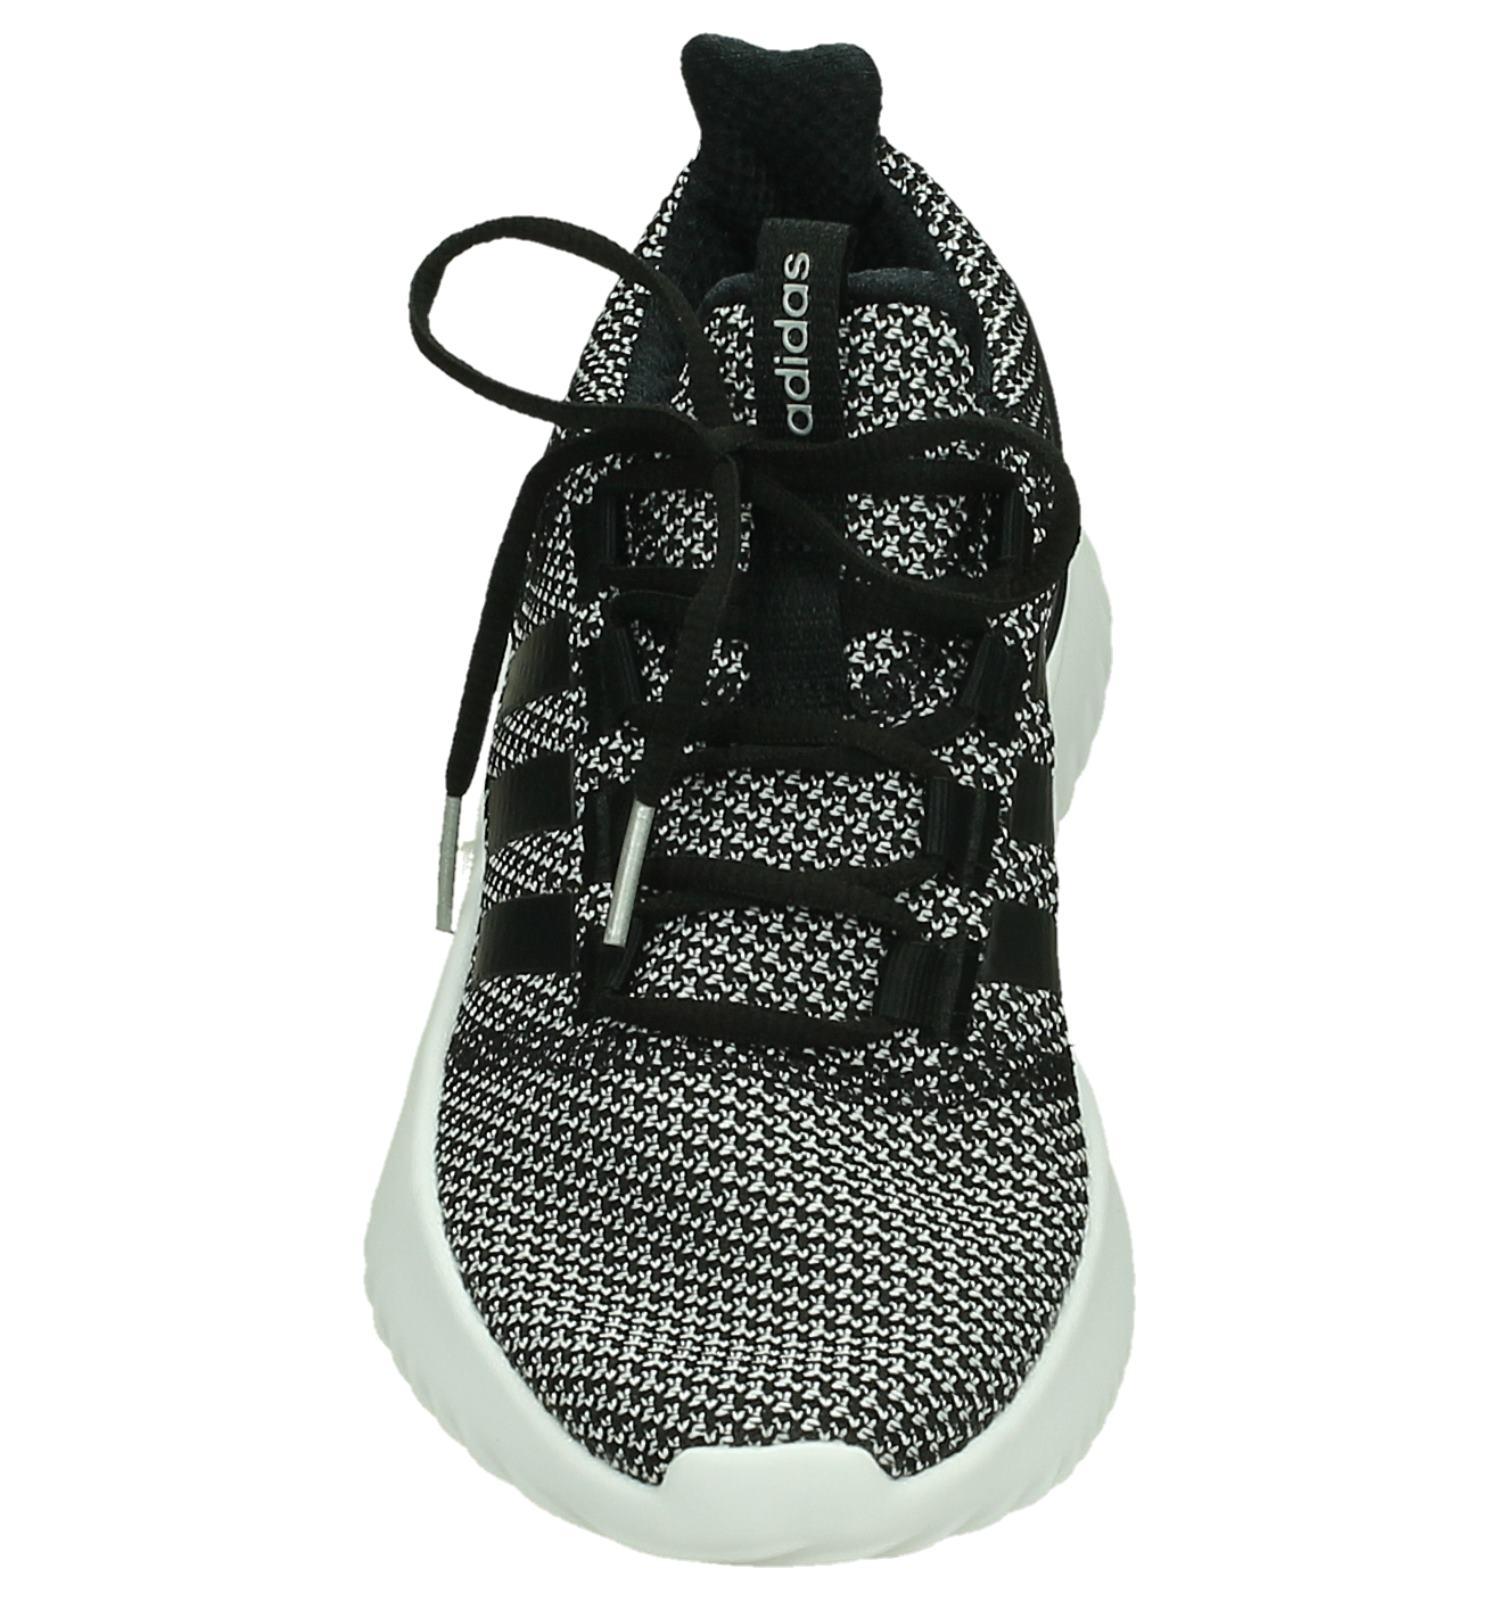 47a66a5f329 adidas Cloudfoam Ultimate Zwarte Runner Sneakers | TORFS.BE | Gratis  verzend en retour